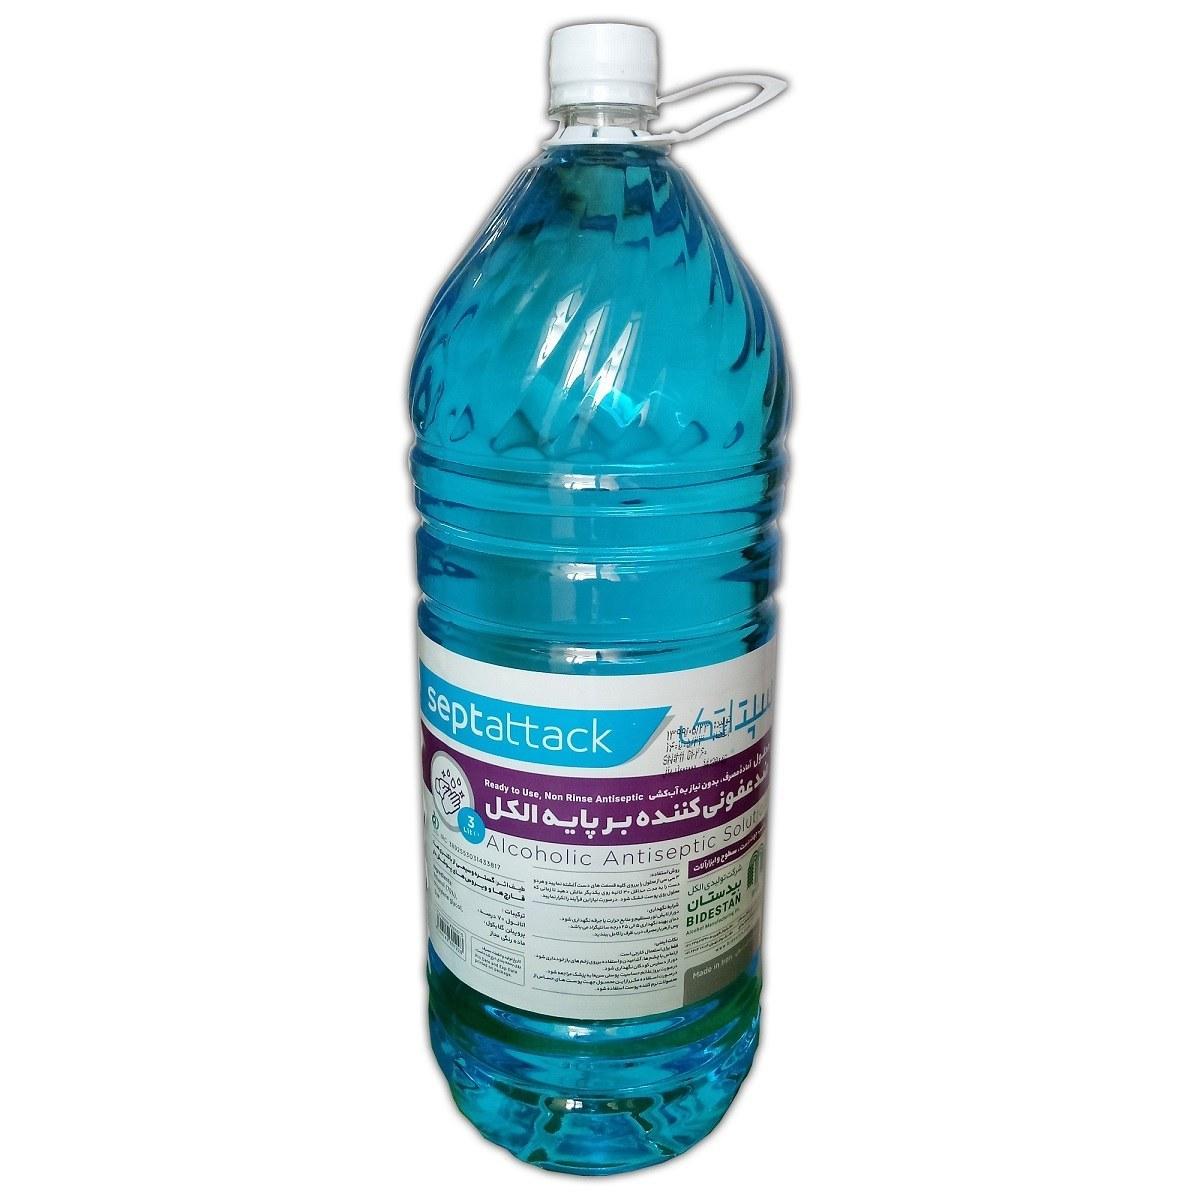 تصویر محلول ضدعفونی کننده دست و سطوح بر پایه الکل ۳ لیتری سپتاتک بیدستان (اورجینال)   Septattack Alcohol